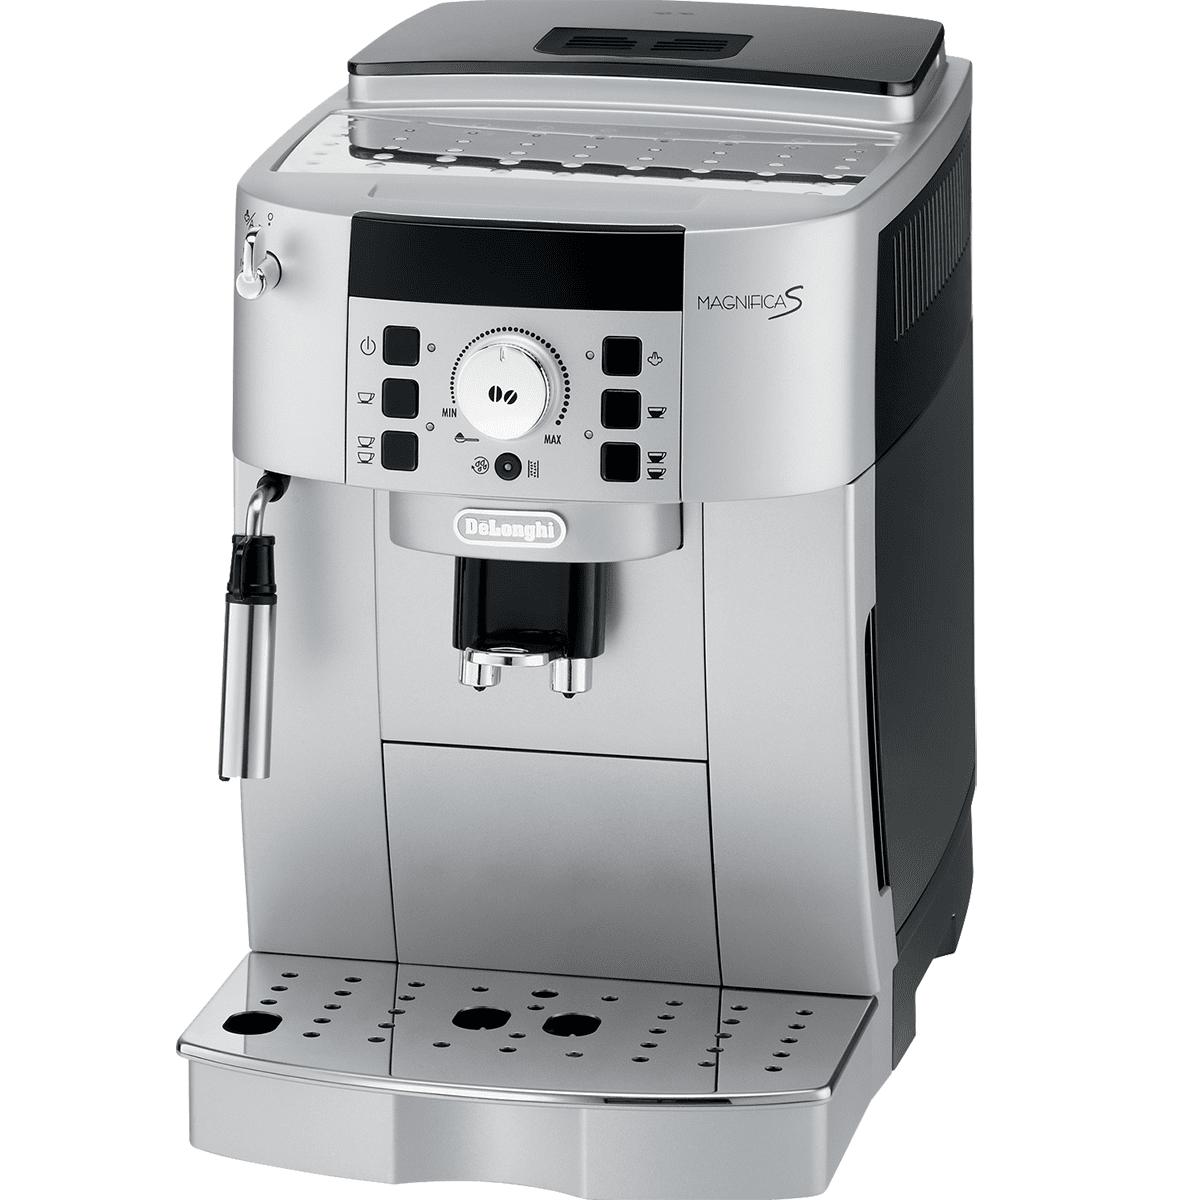 DeLonghi Magnifica Automatic Espresso Machine